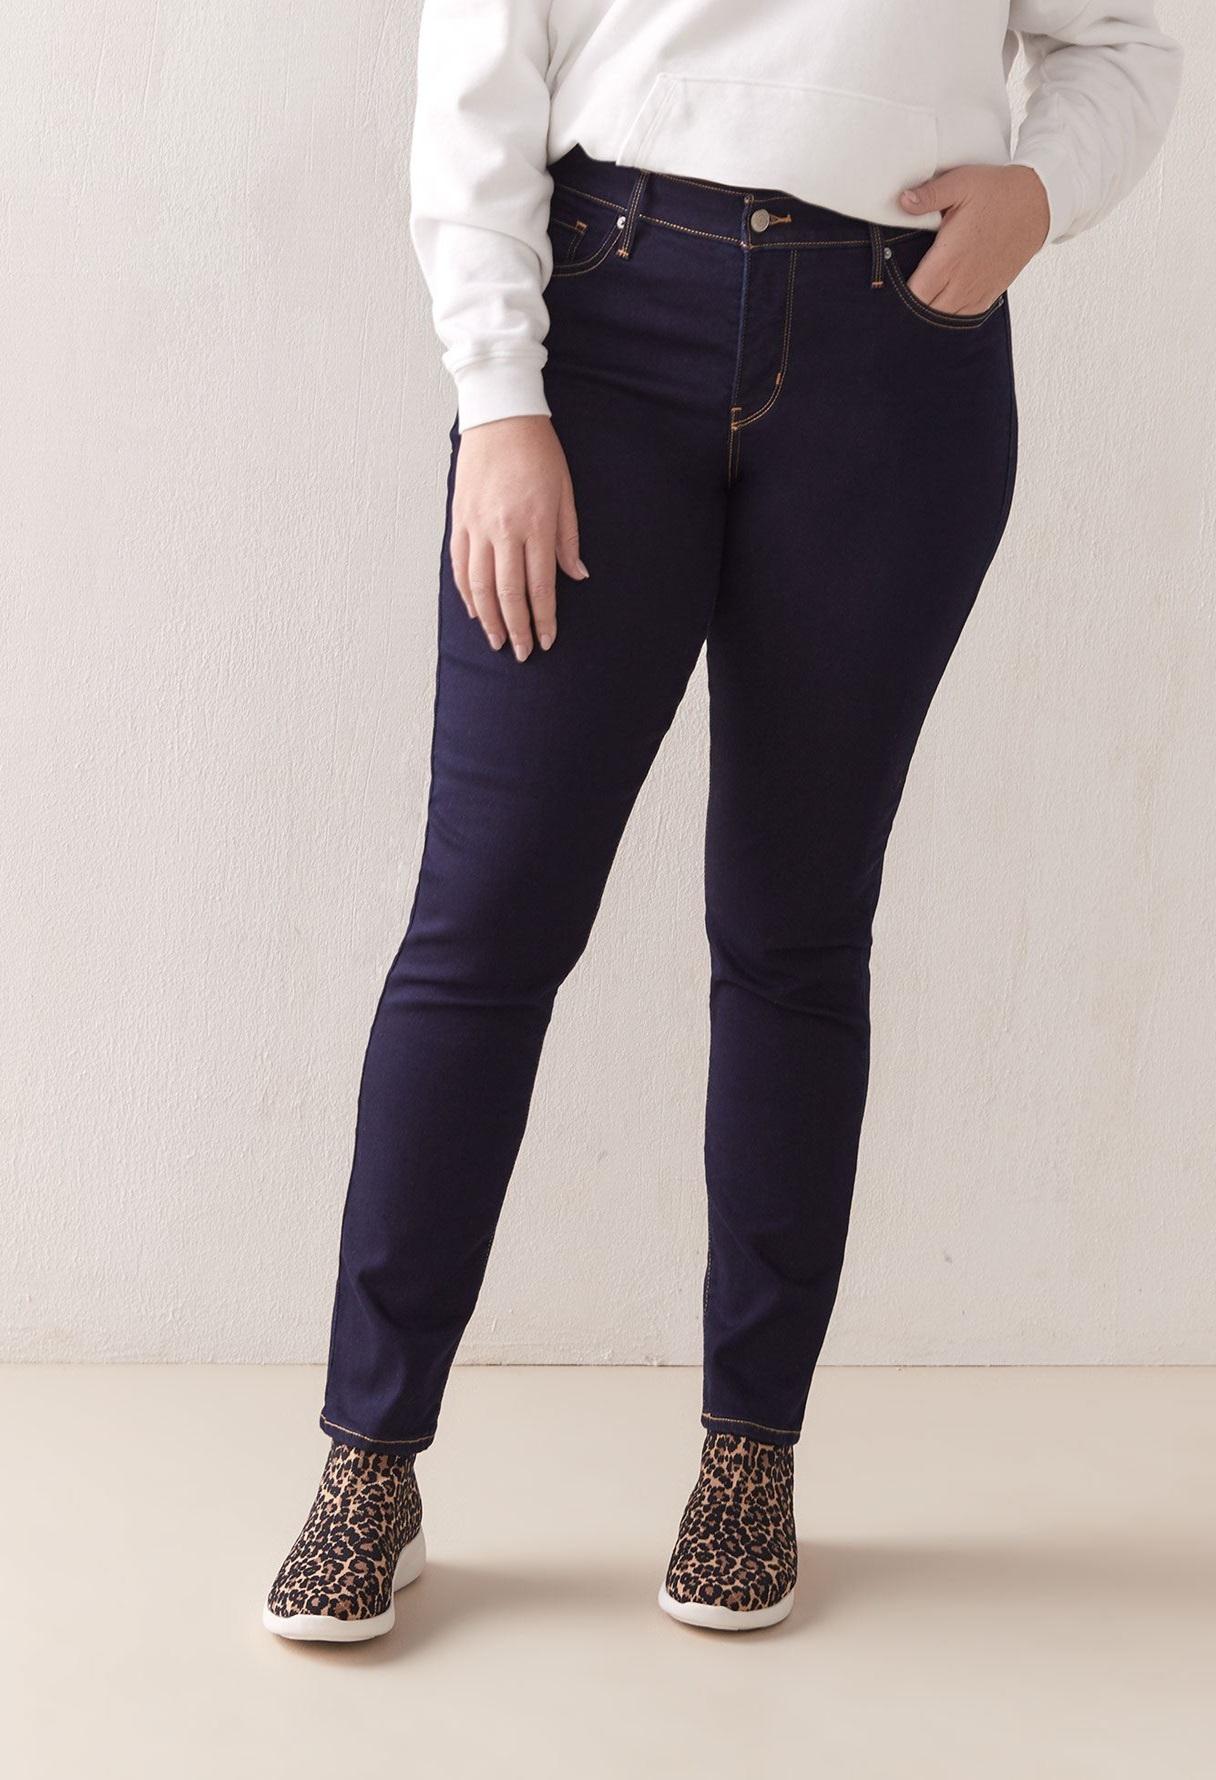 Hình ảnh minh họa quần jean nữ cho người mập